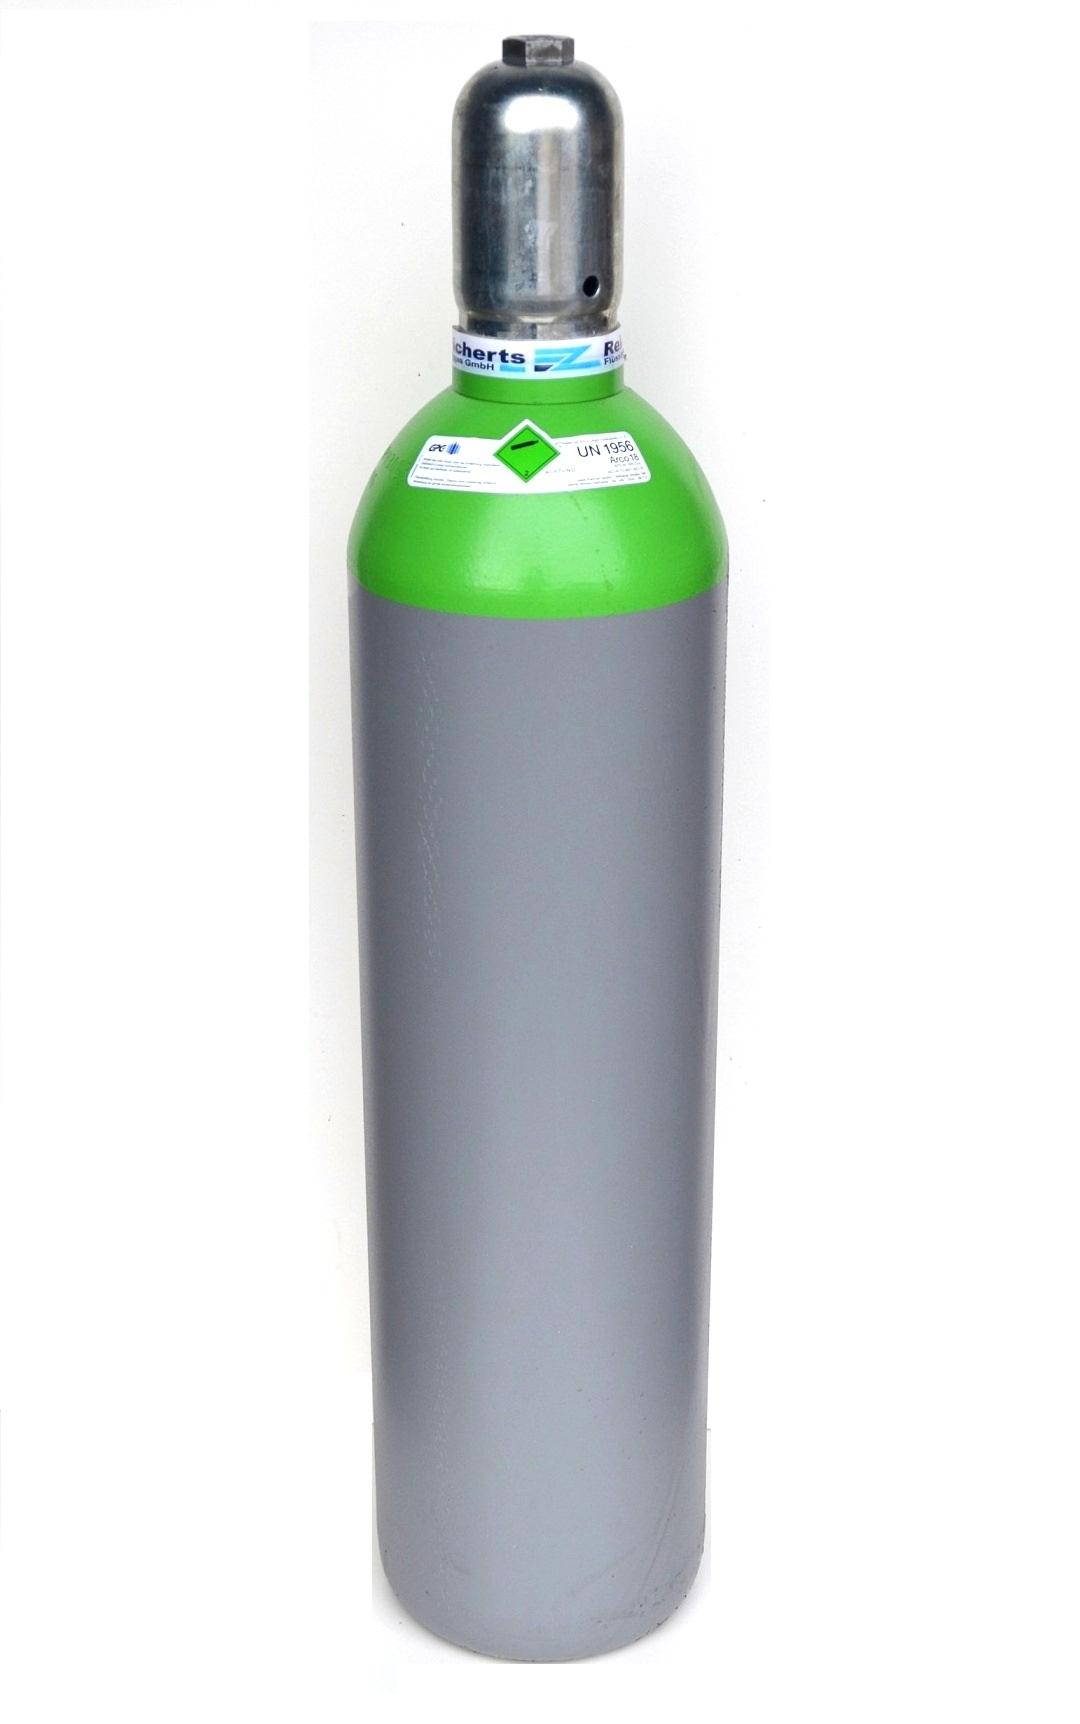 schutzgas18 20 liter gef llt gaslasche mag schwei en ebay. Black Bedroom Furniture Sets. Home Design Ideas